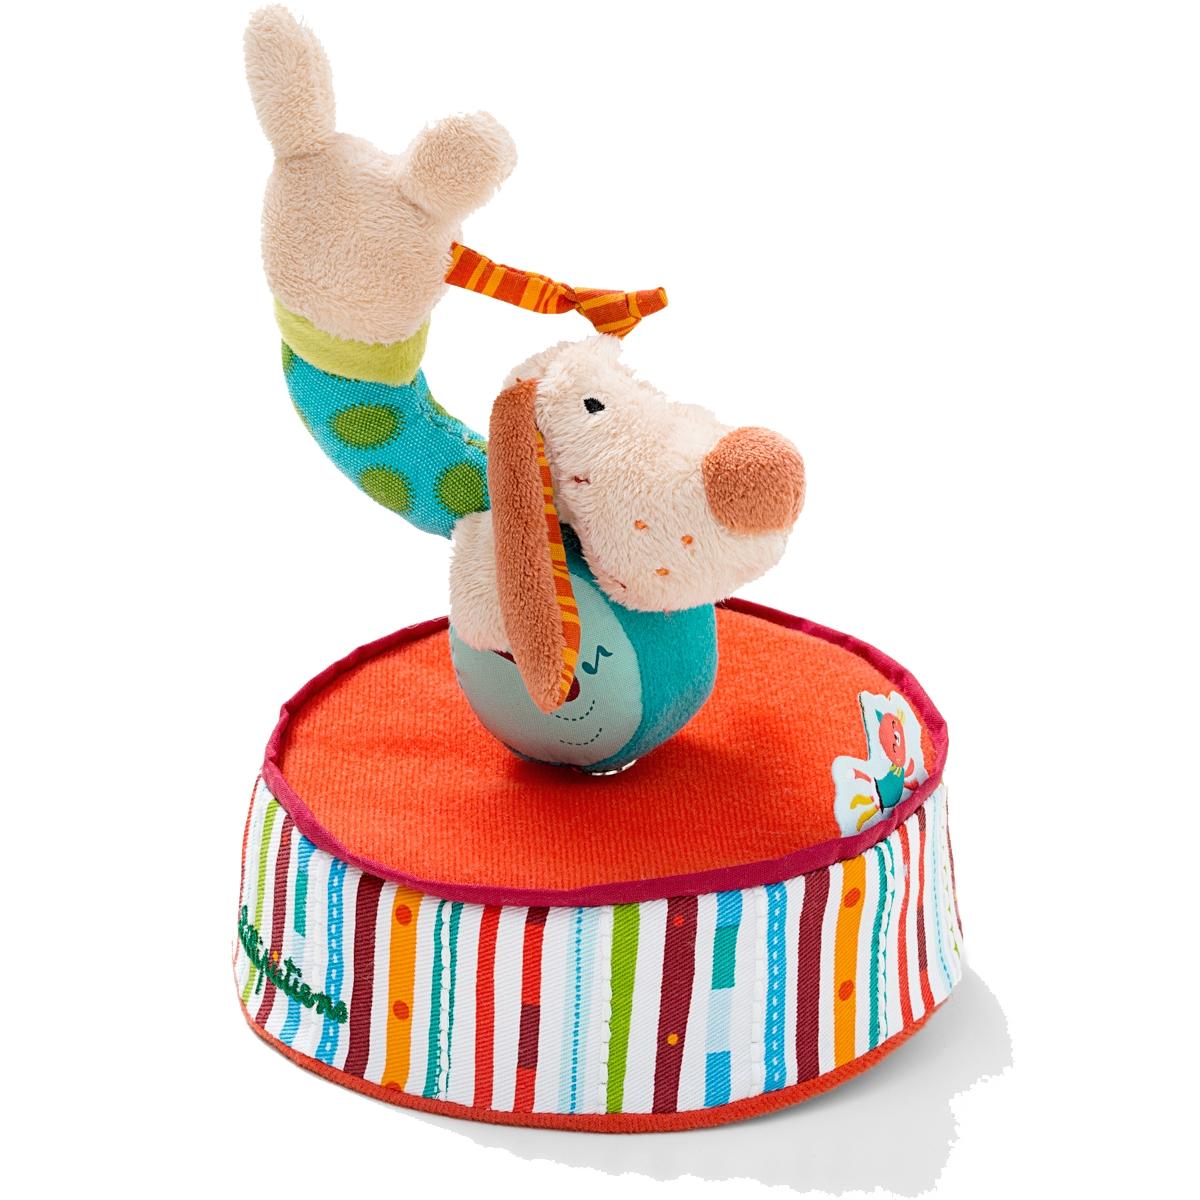 Lilliputiens Игрушка заводная Собачка Джеф86568Очаровательная собачка Джеф - это заводная игрушка для самых маленьких. Собачка Джеф готова исполнить прекрасный номер - танец на шаре под красивую мелодию. Для этого просто необходимо повернуть игрушку по часовой стрелке.Такая собачка развлечет ребенка днем и поможет успокоиться перед сном. Игрушка развивает цветовое восприятие ребенка, мелкую моторику рук и внимание.